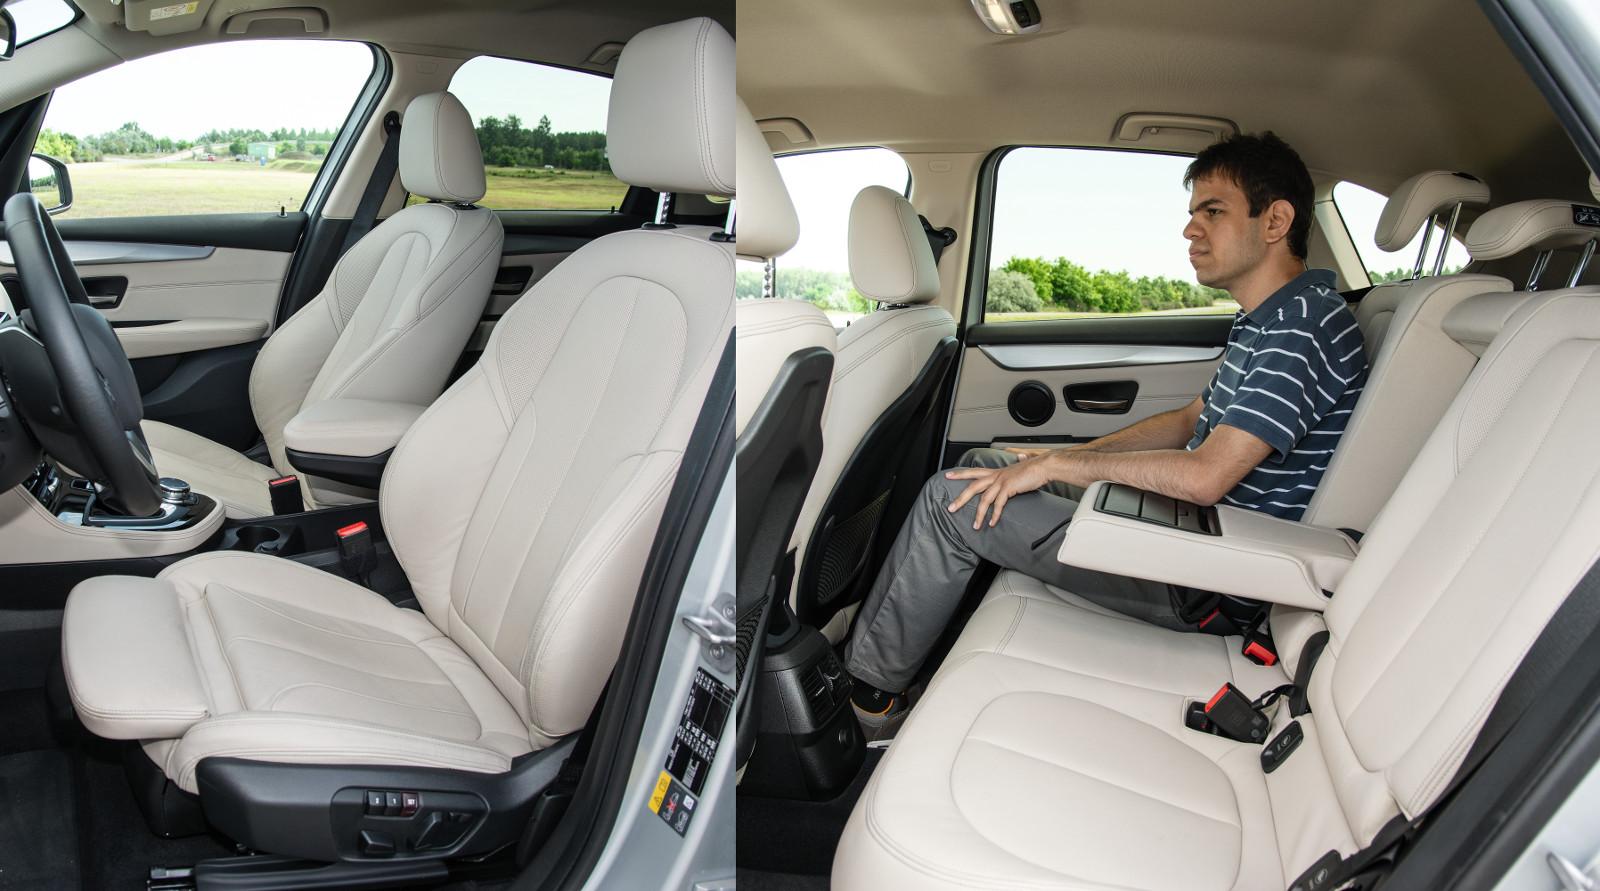 Tágas teret és a BMW luxusát nyújtja a hibrid Active Tourer